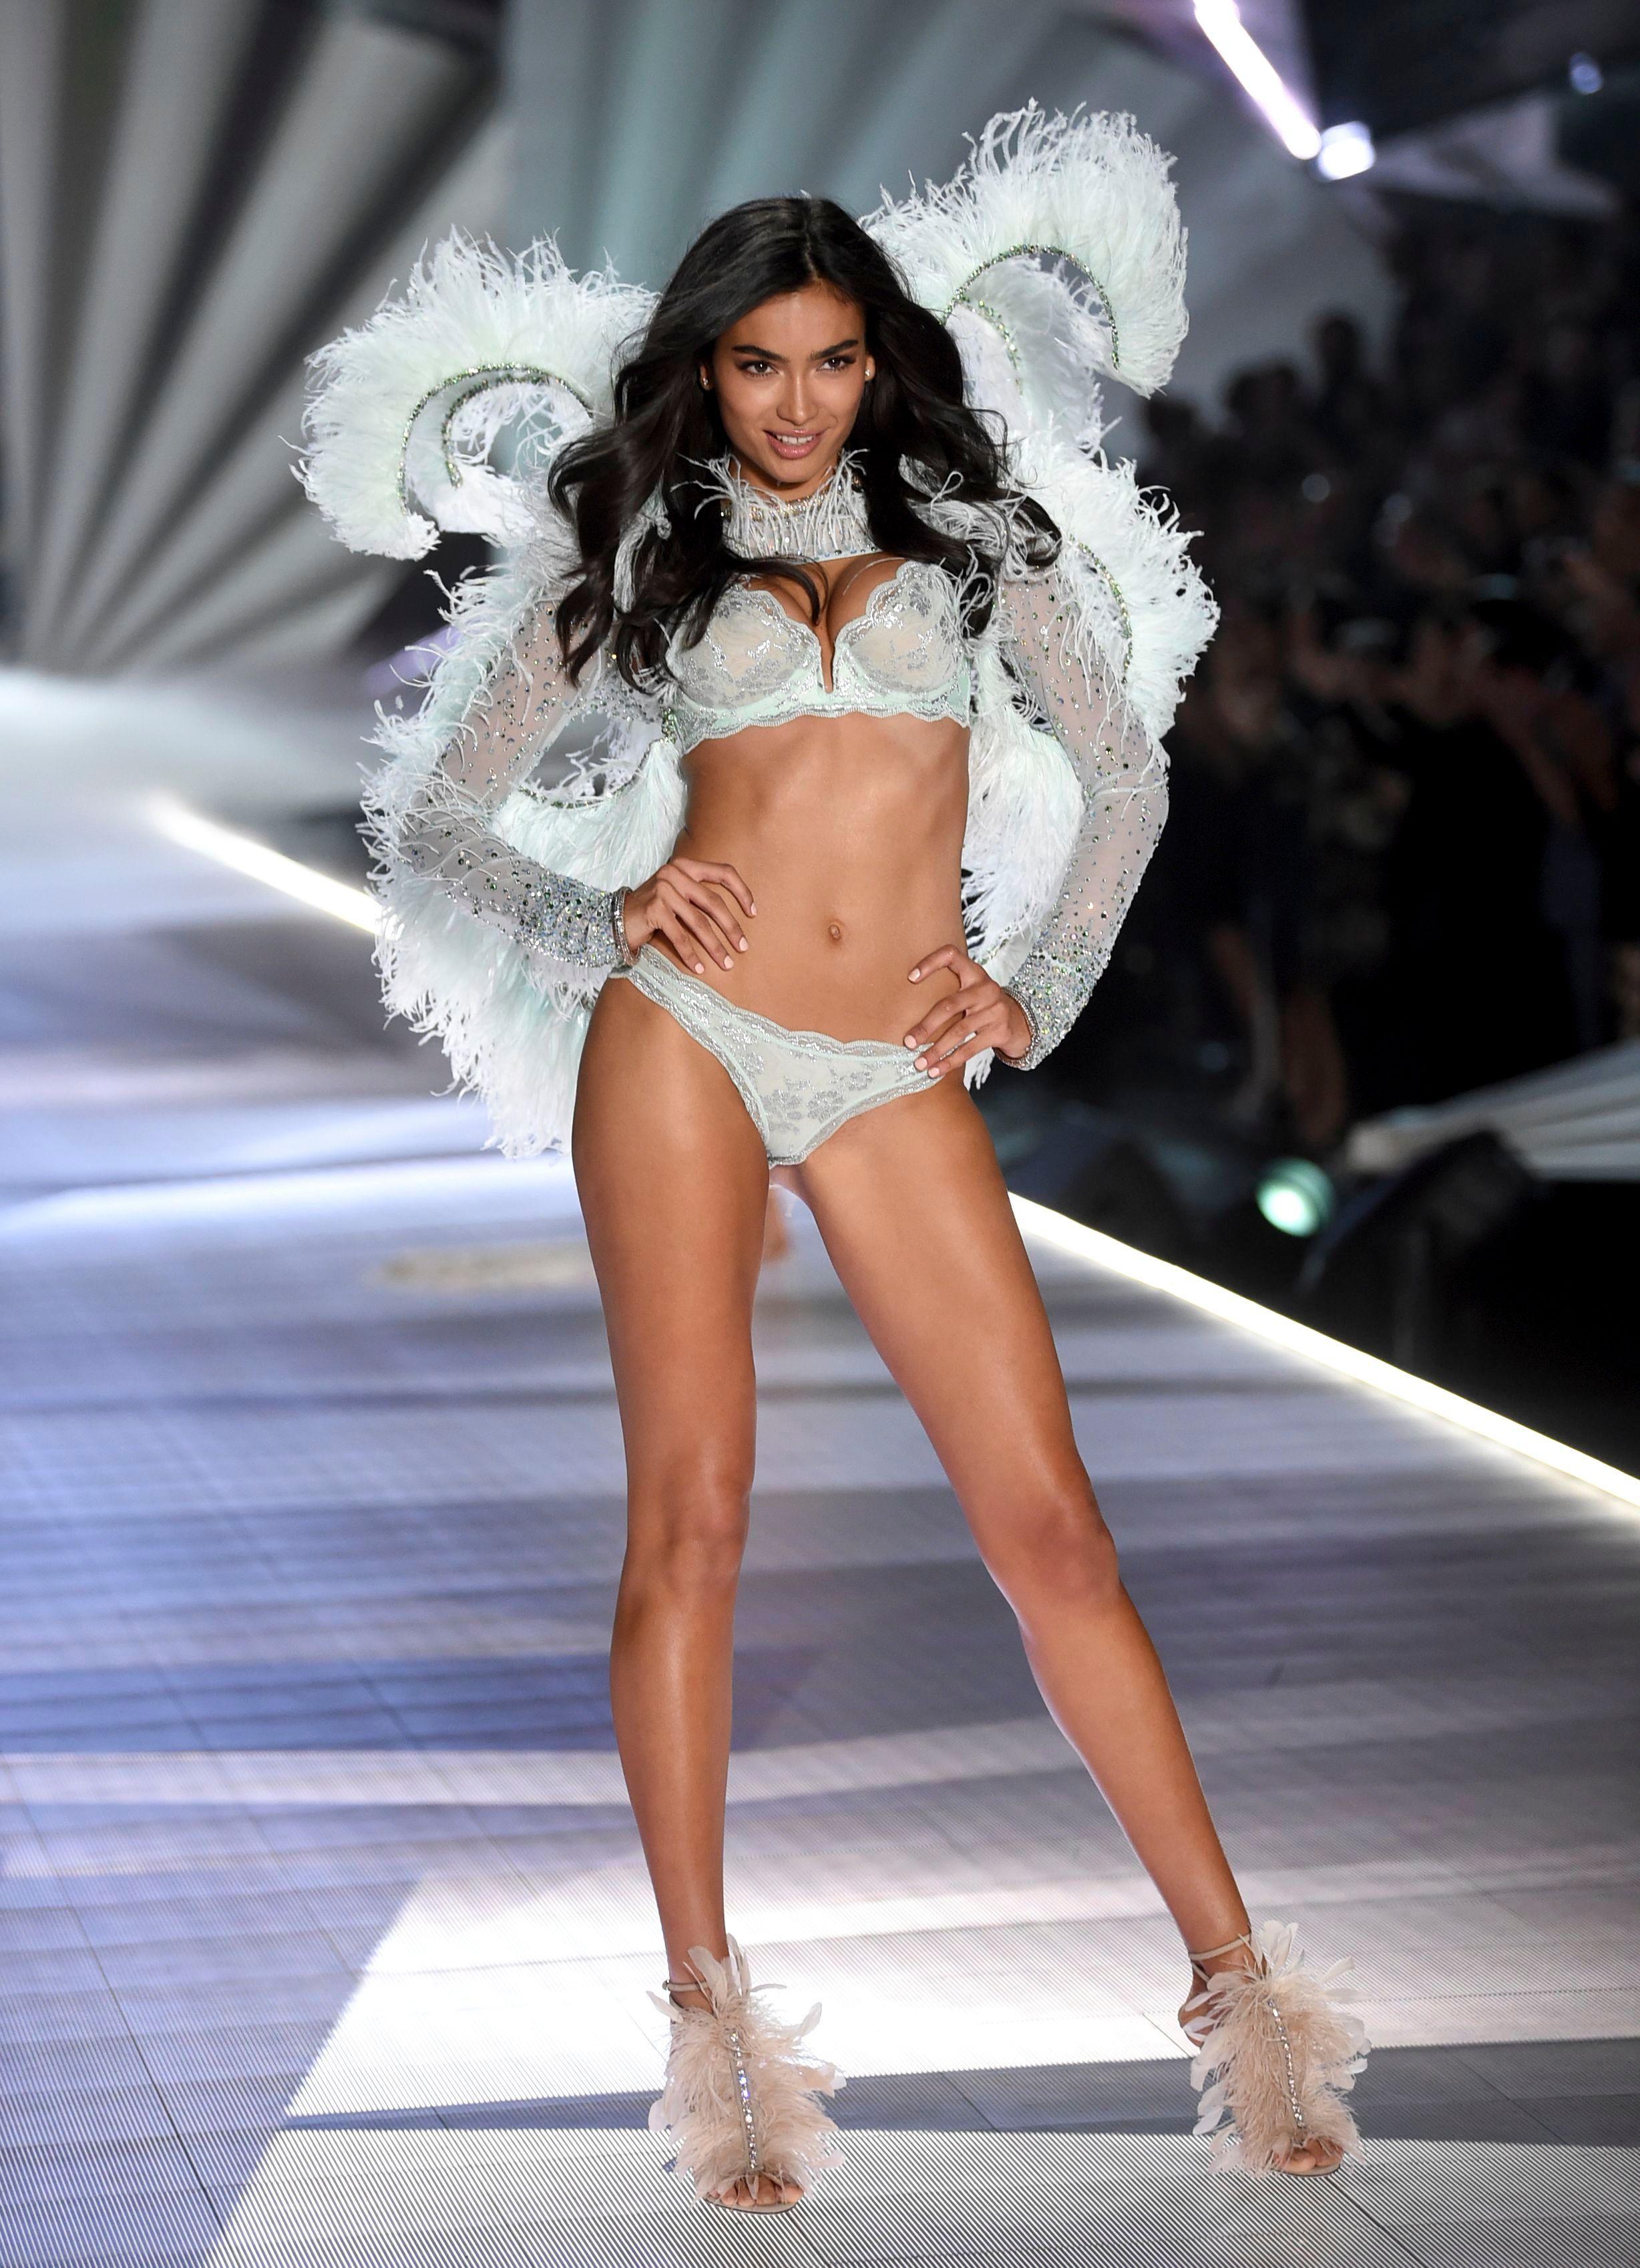 """Mục sở thị thực đơn của siêu mẫu Victoria's Secret mới hiểu vì sao họ sở hữu body """"vạn người mê"""" như vậy - Ảnh 1."""